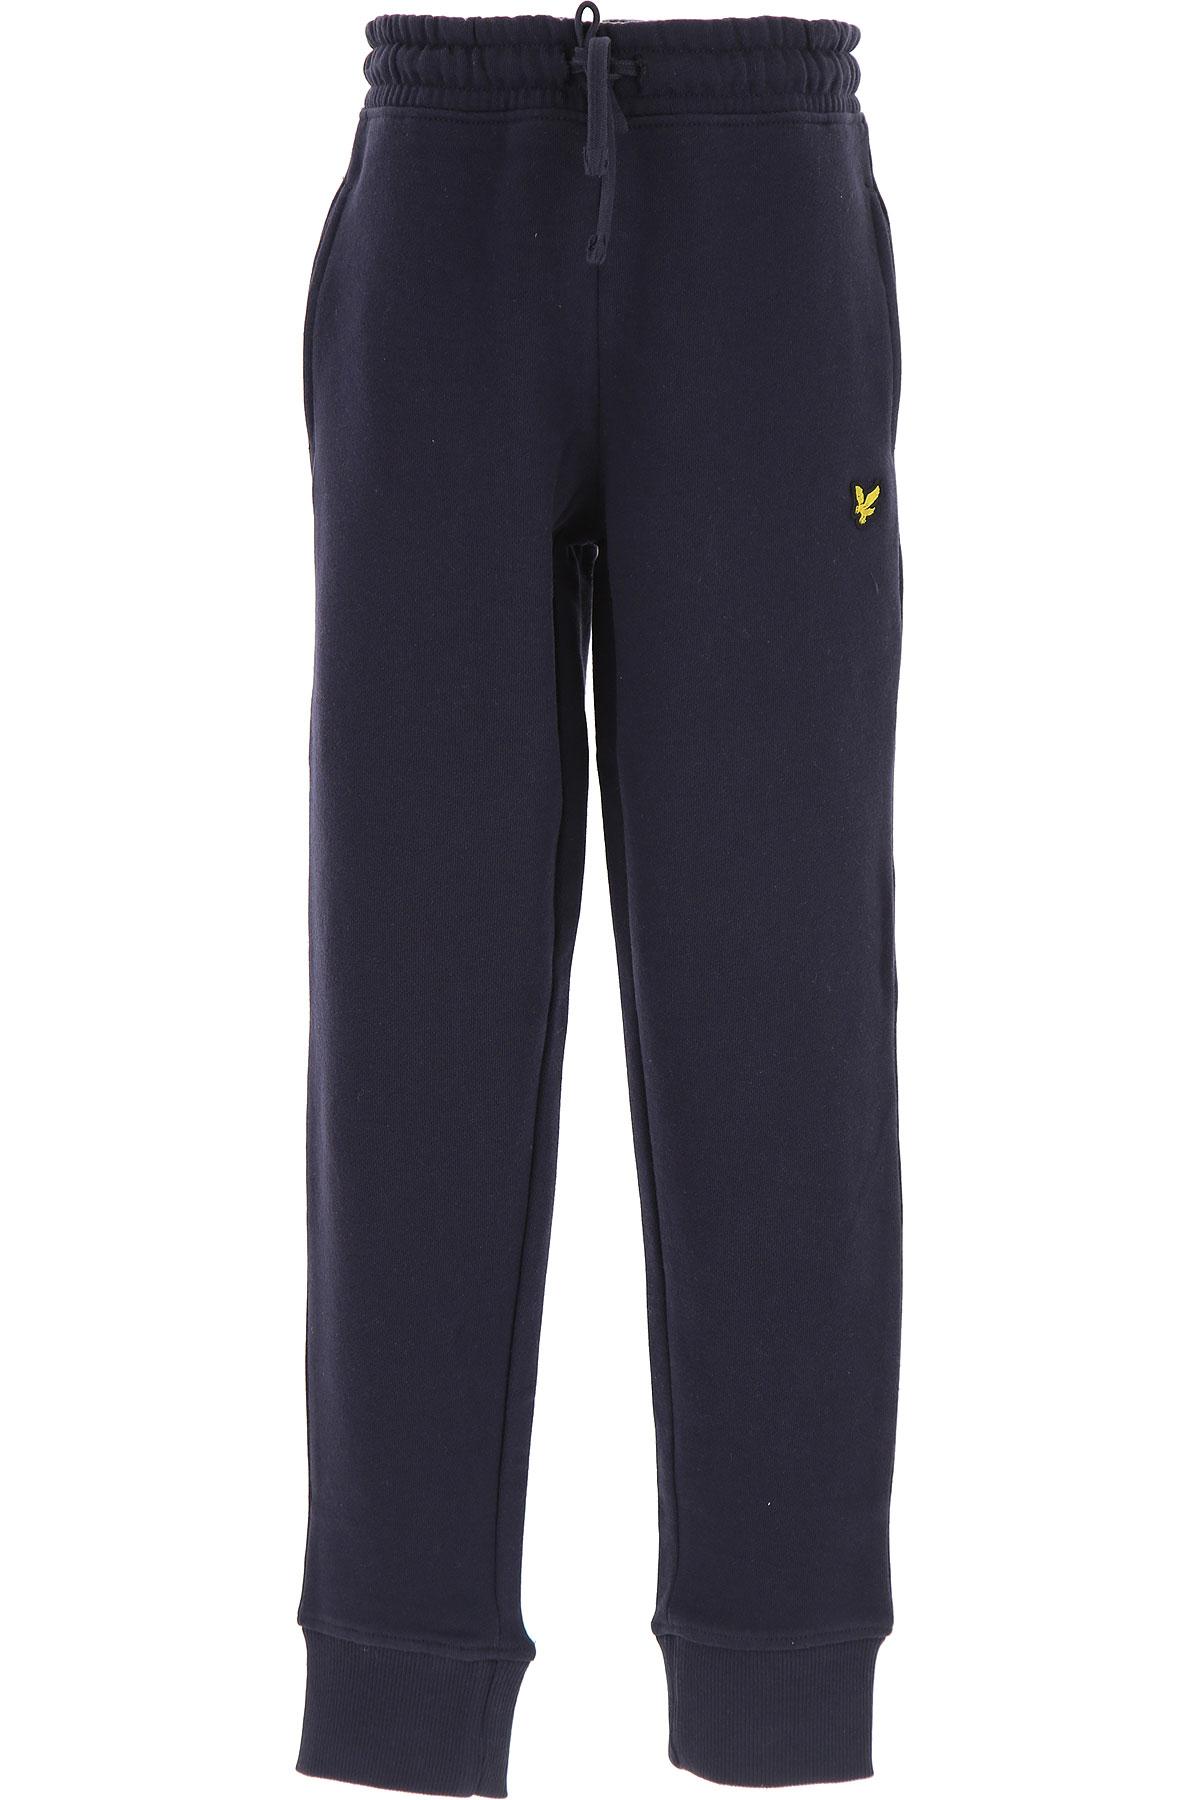 Image of Lyle & Scott Kids Sweatpants for Boys, Blue, Cotton, 2017, 10Y 14Y